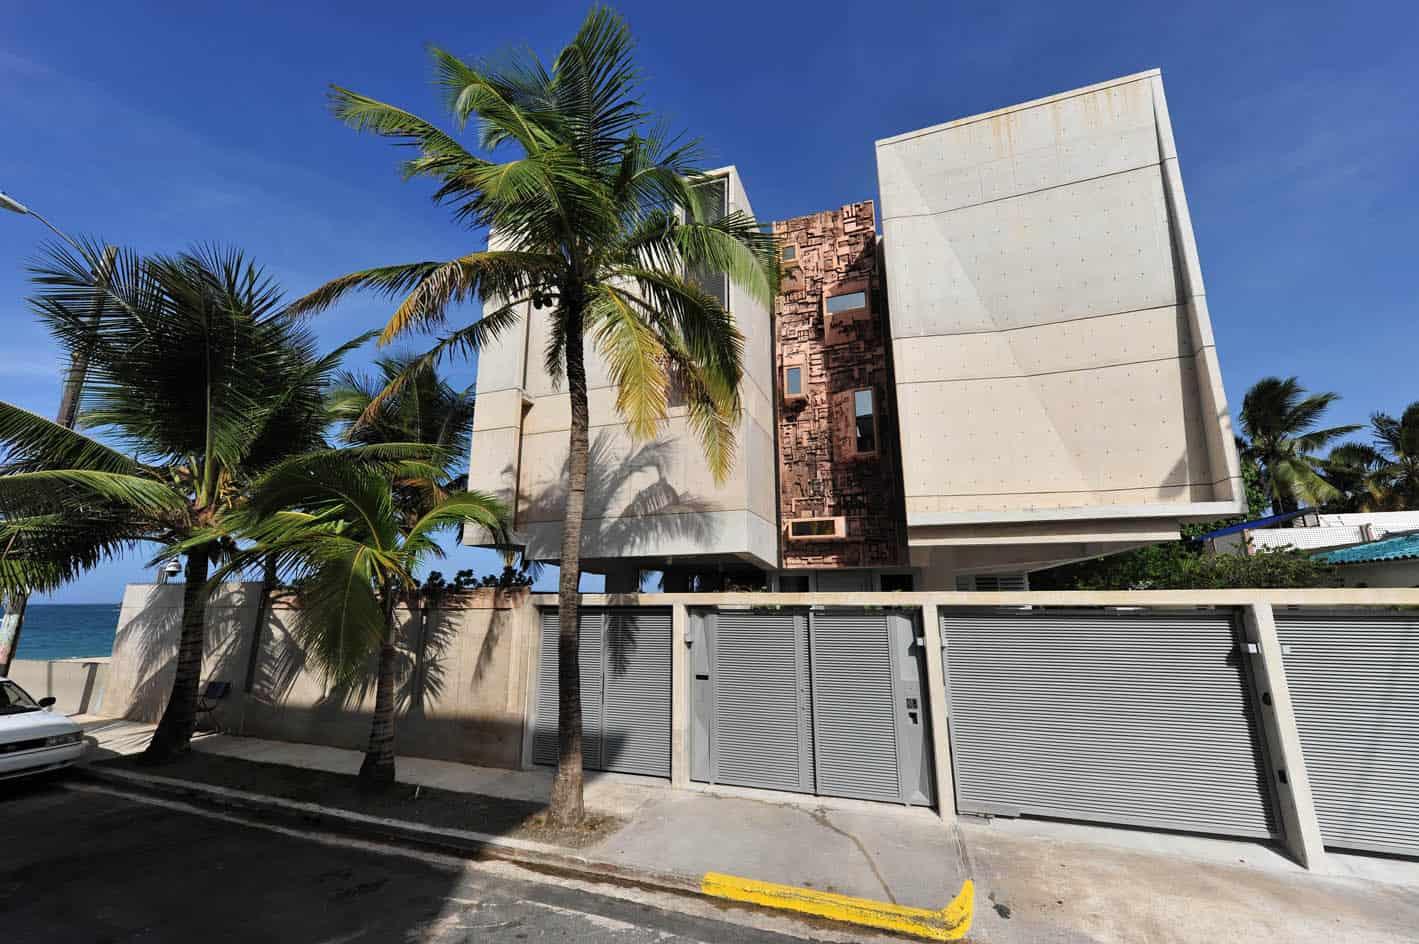 Casa Mar by Coleman-Davis Pagan Arquitectos